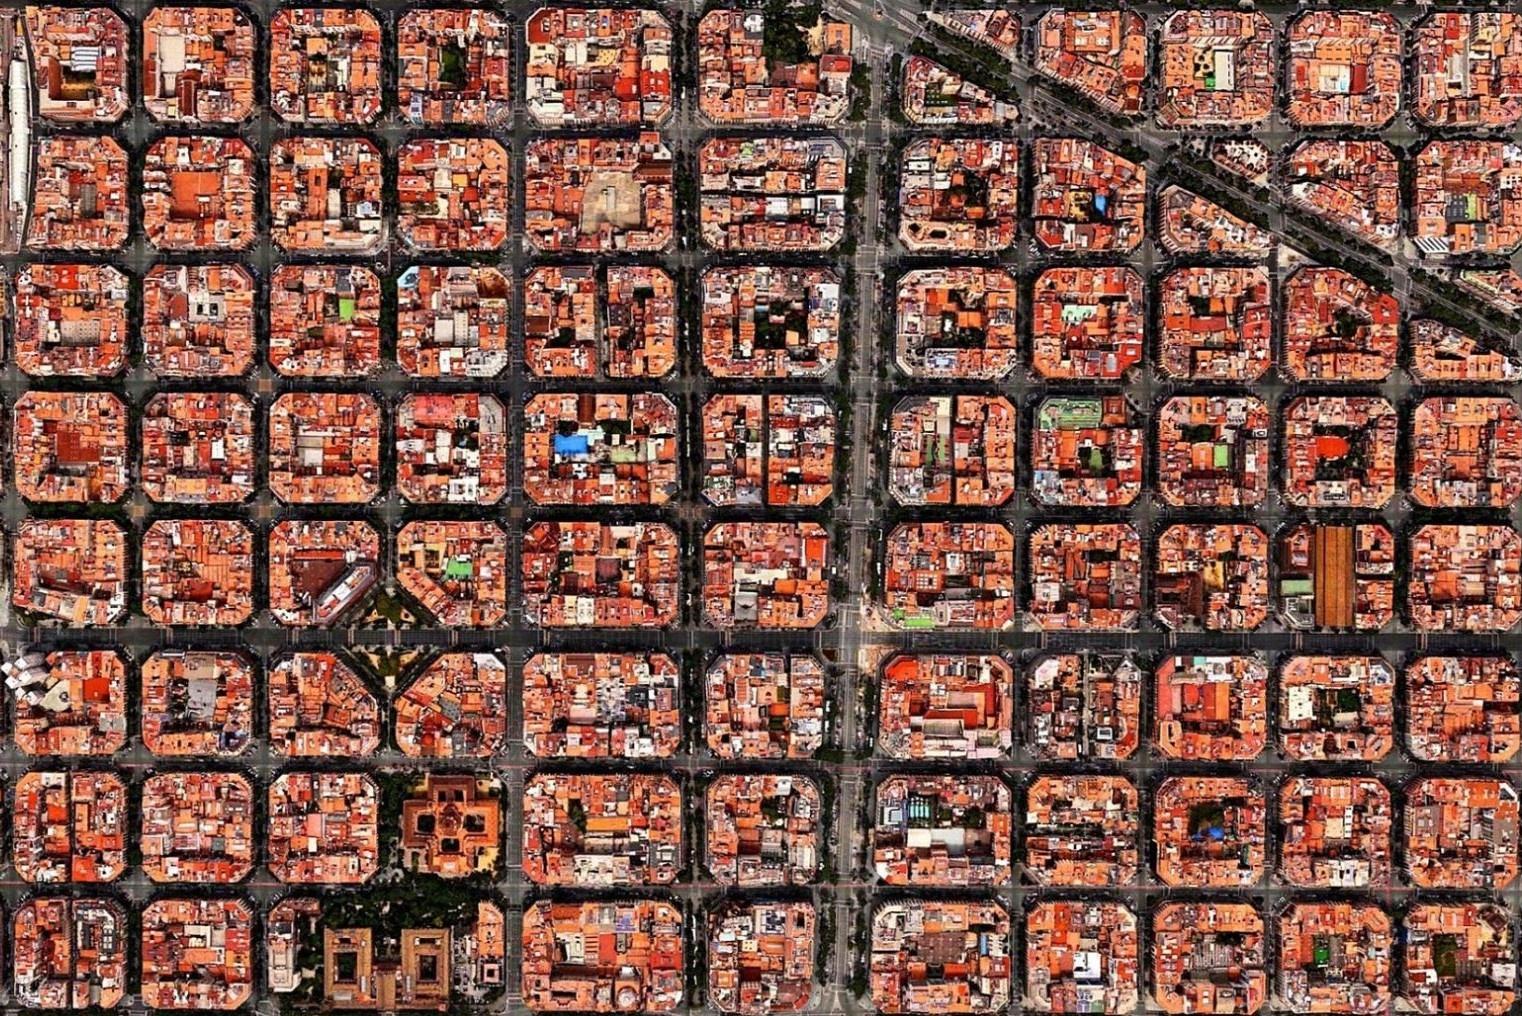 Những khu nhà xếp thẳng như bàn cờ ở Barcelona